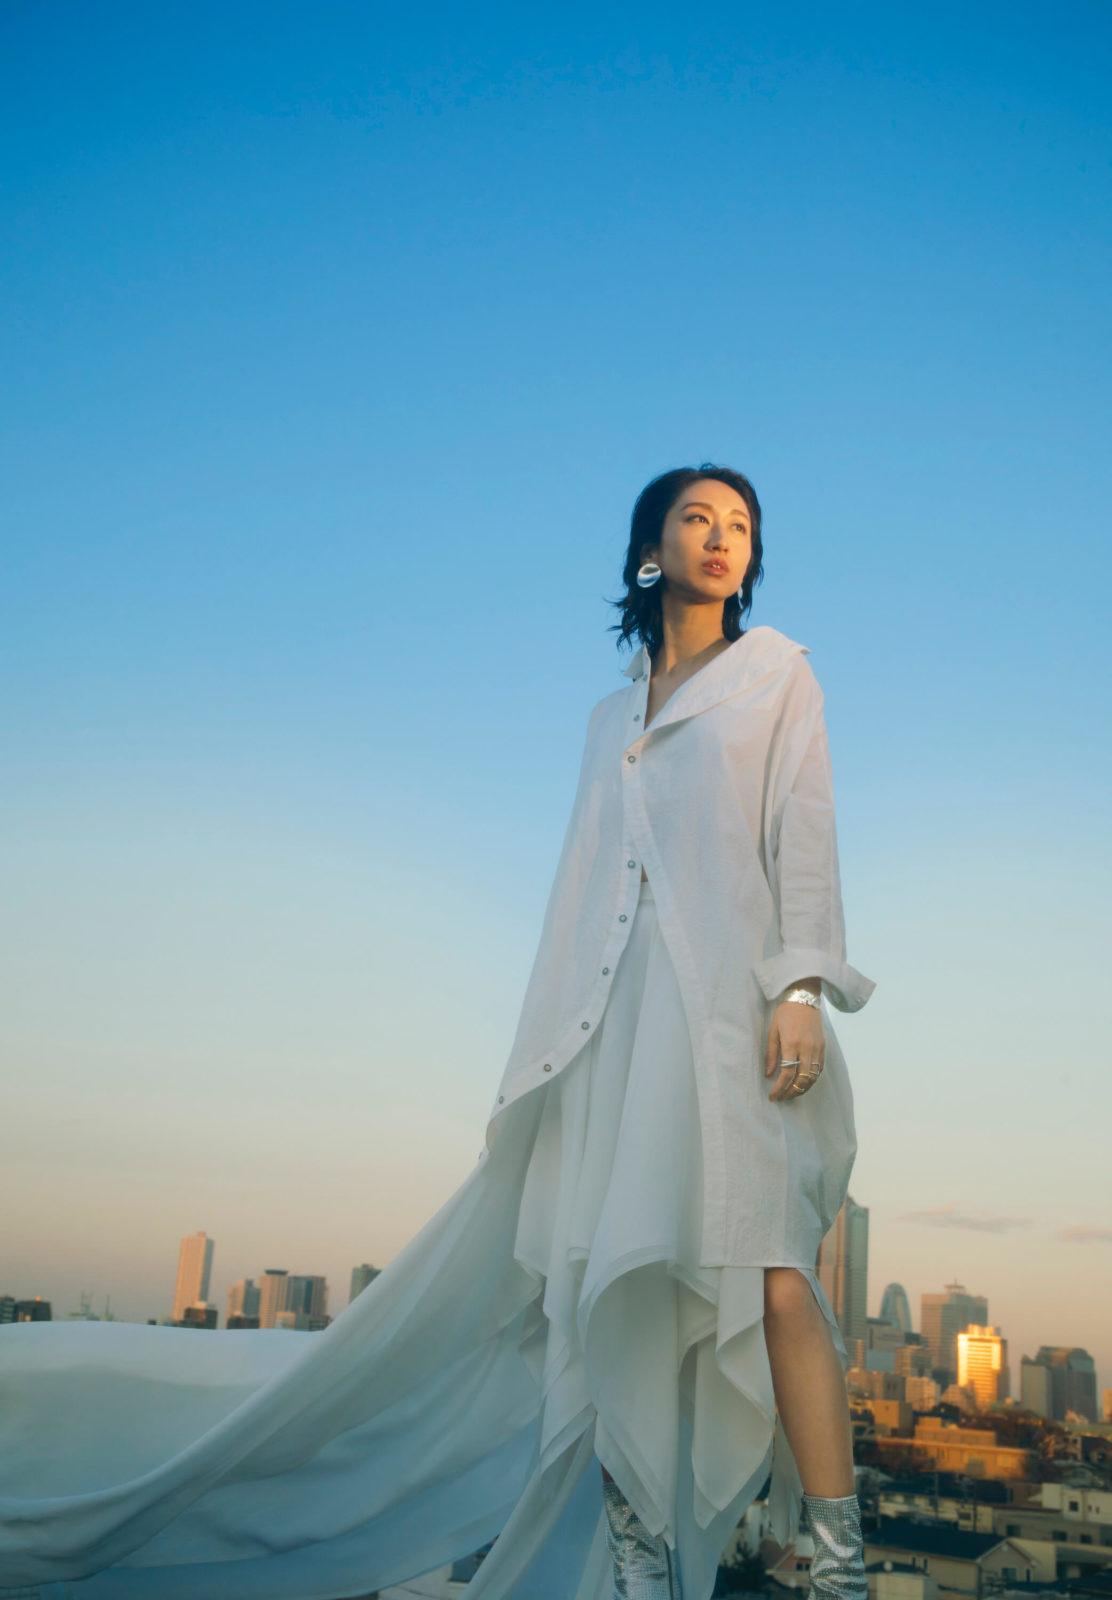 Ms.OOJA、3年ぶりのカバーアルバム「流しのOOJA〜VINTAGE SONG COVERS〜」が8月26日に発売決定サムネイル画像!